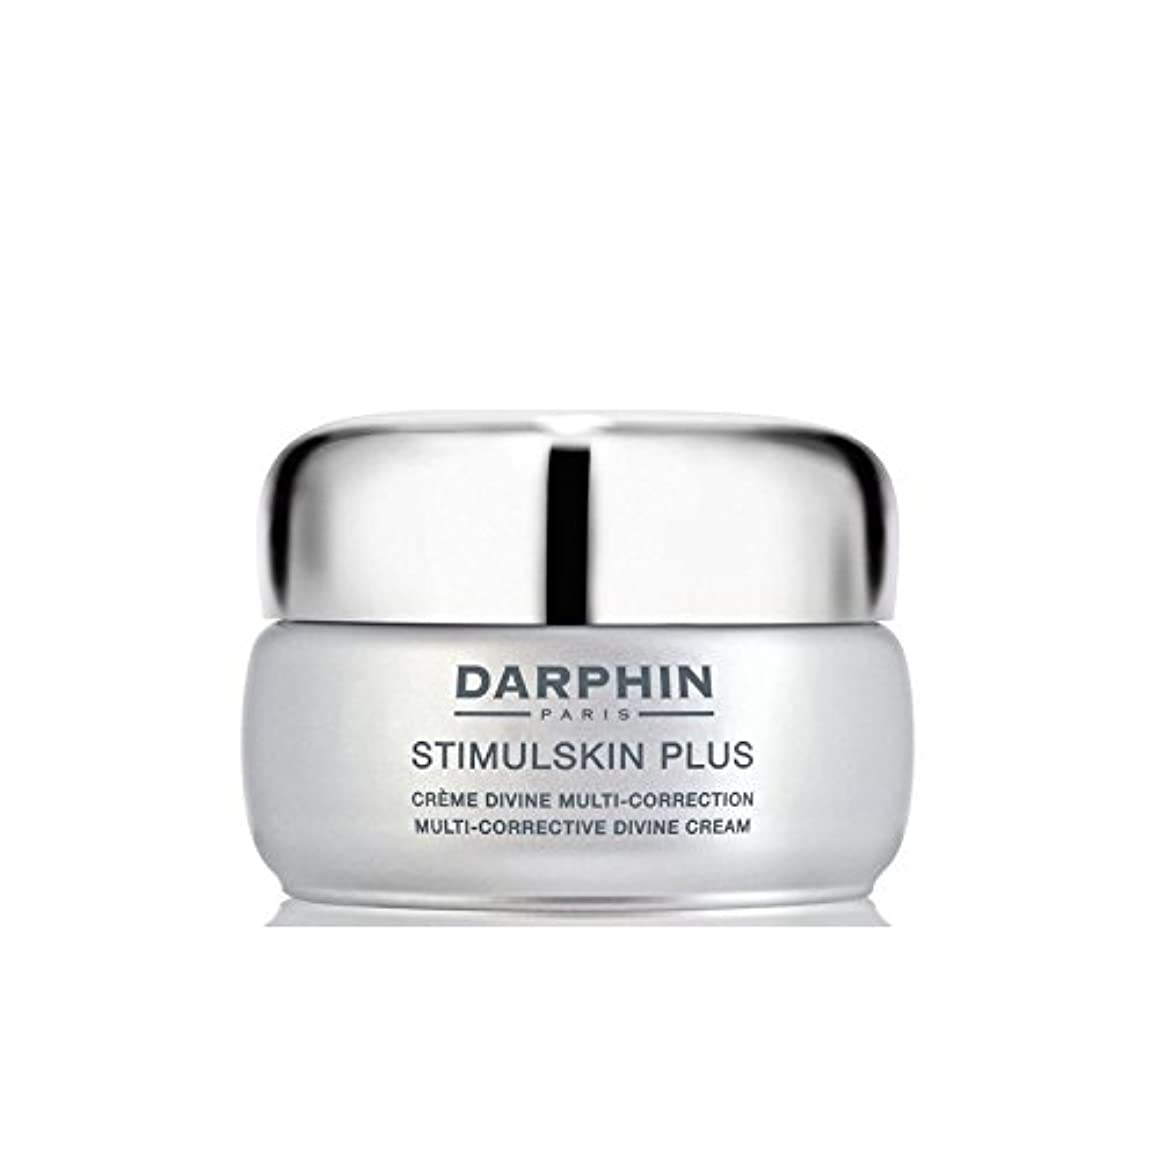 コイン淡い財団Darphin Stimulskin Plus Multi-Corrective Divine Cream - Rich (Pack of 6) - ダルファンスティプラスマルチ是正神クリーム - 豊富 x6 [並行輸入品]